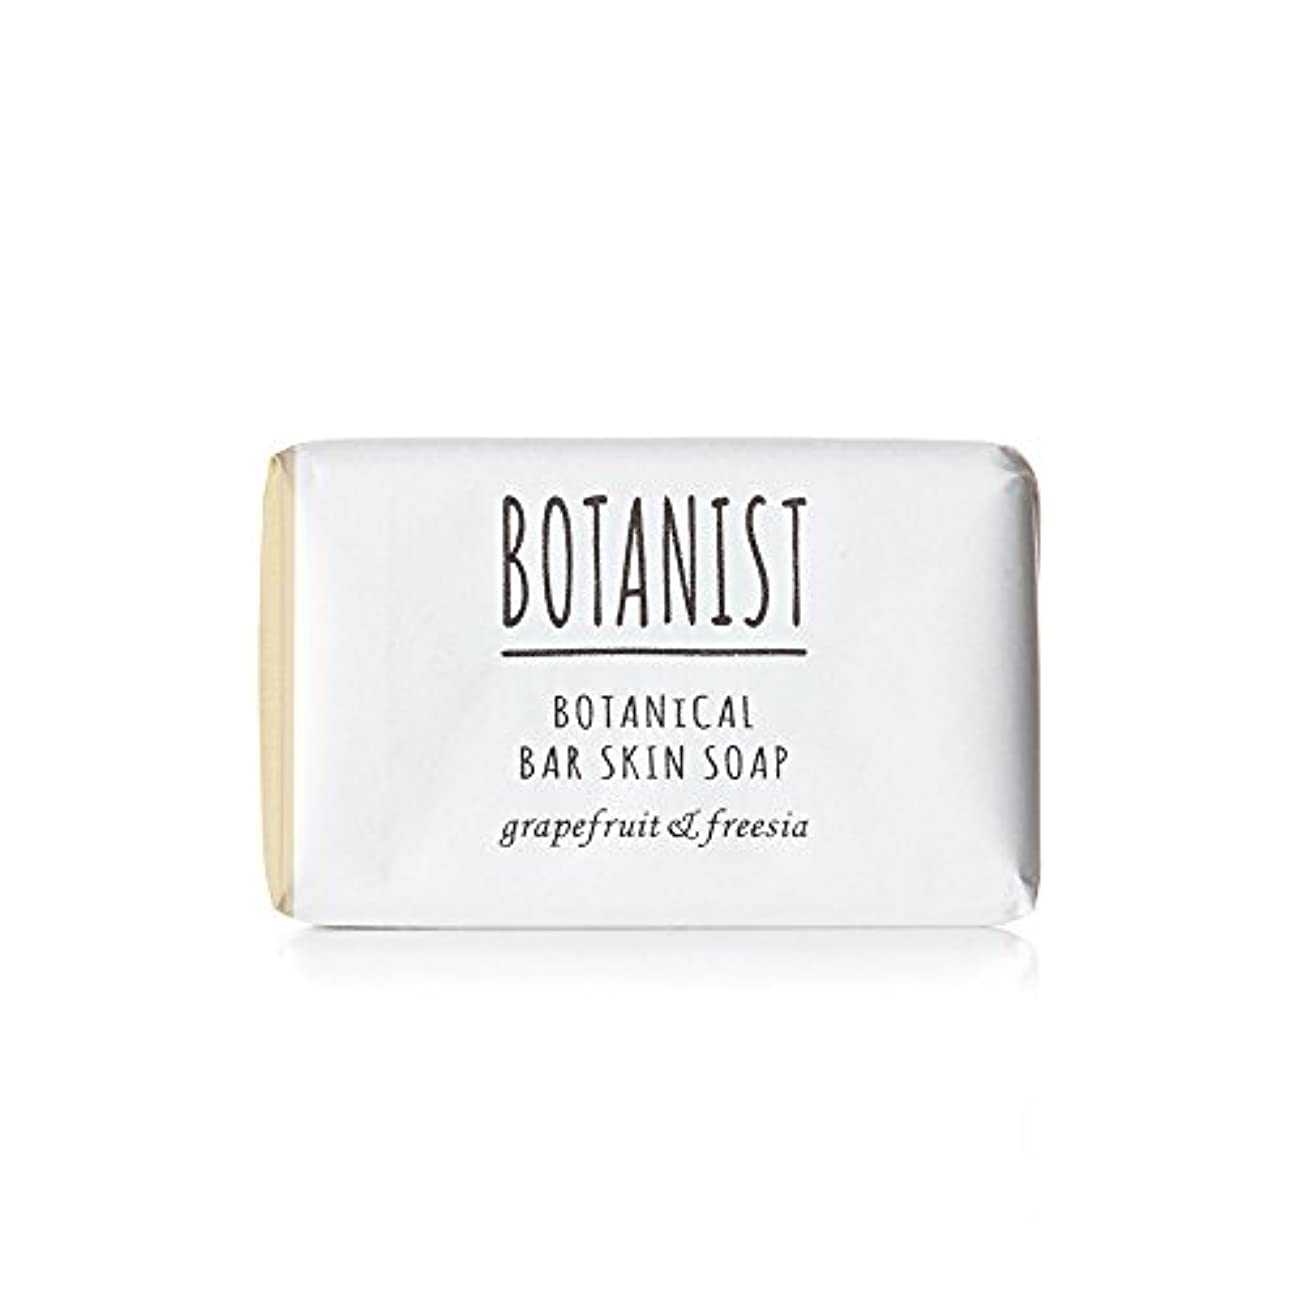 誕生不器用組み込むBOTANIST ボタニスト ボタニカル バースキンソープ 100g グレープフルーツ&フリージア